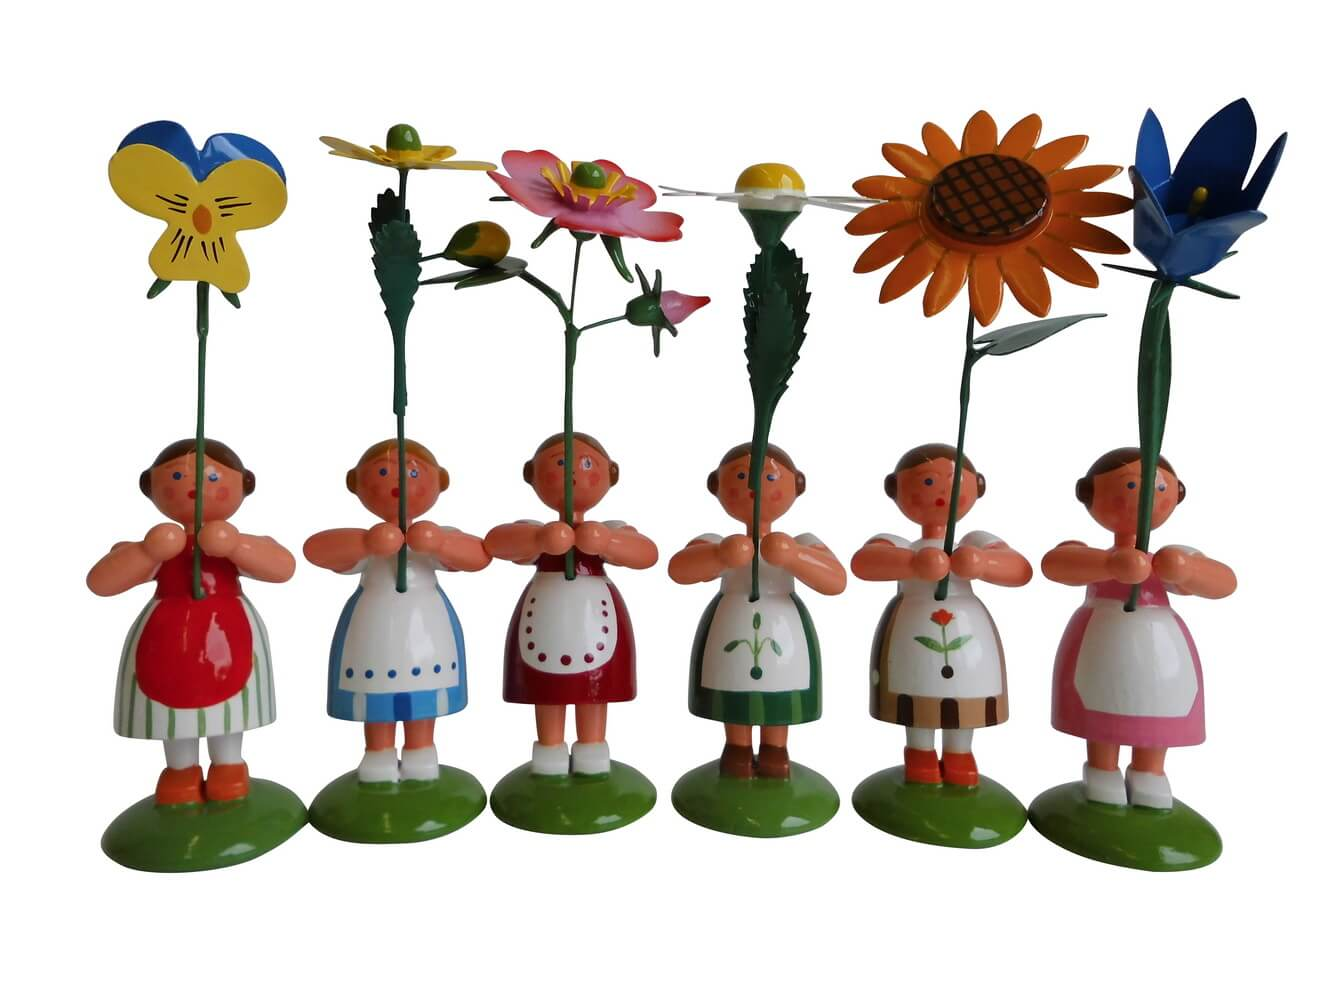 Blumenkinder - Sommerblumenmädchen, 6 Stück, 11 cm von WEHA-Kunst Dippoldiswalde/ Erzgebirge